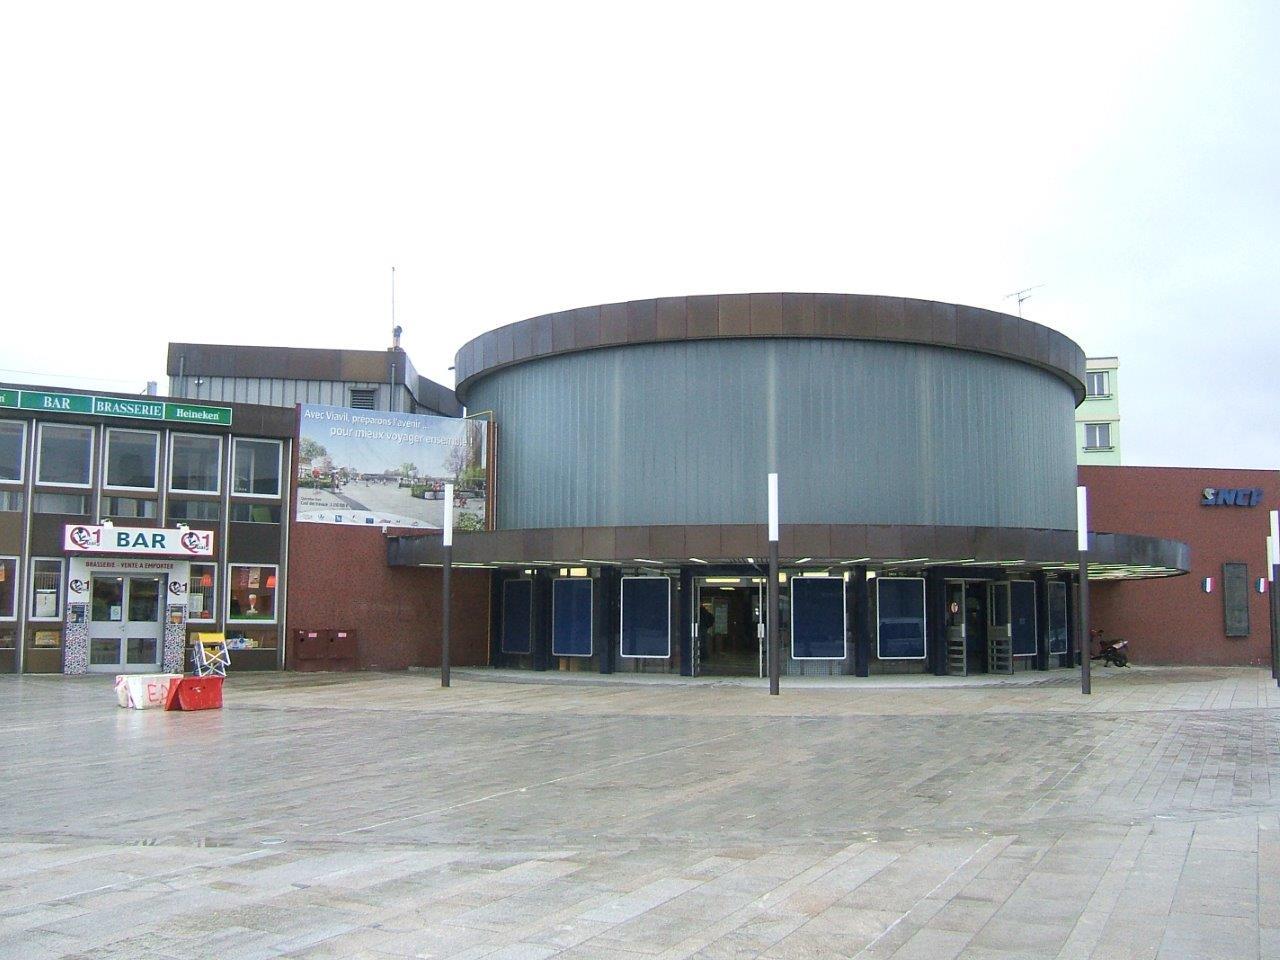 gare-de-maubeuge-train-station